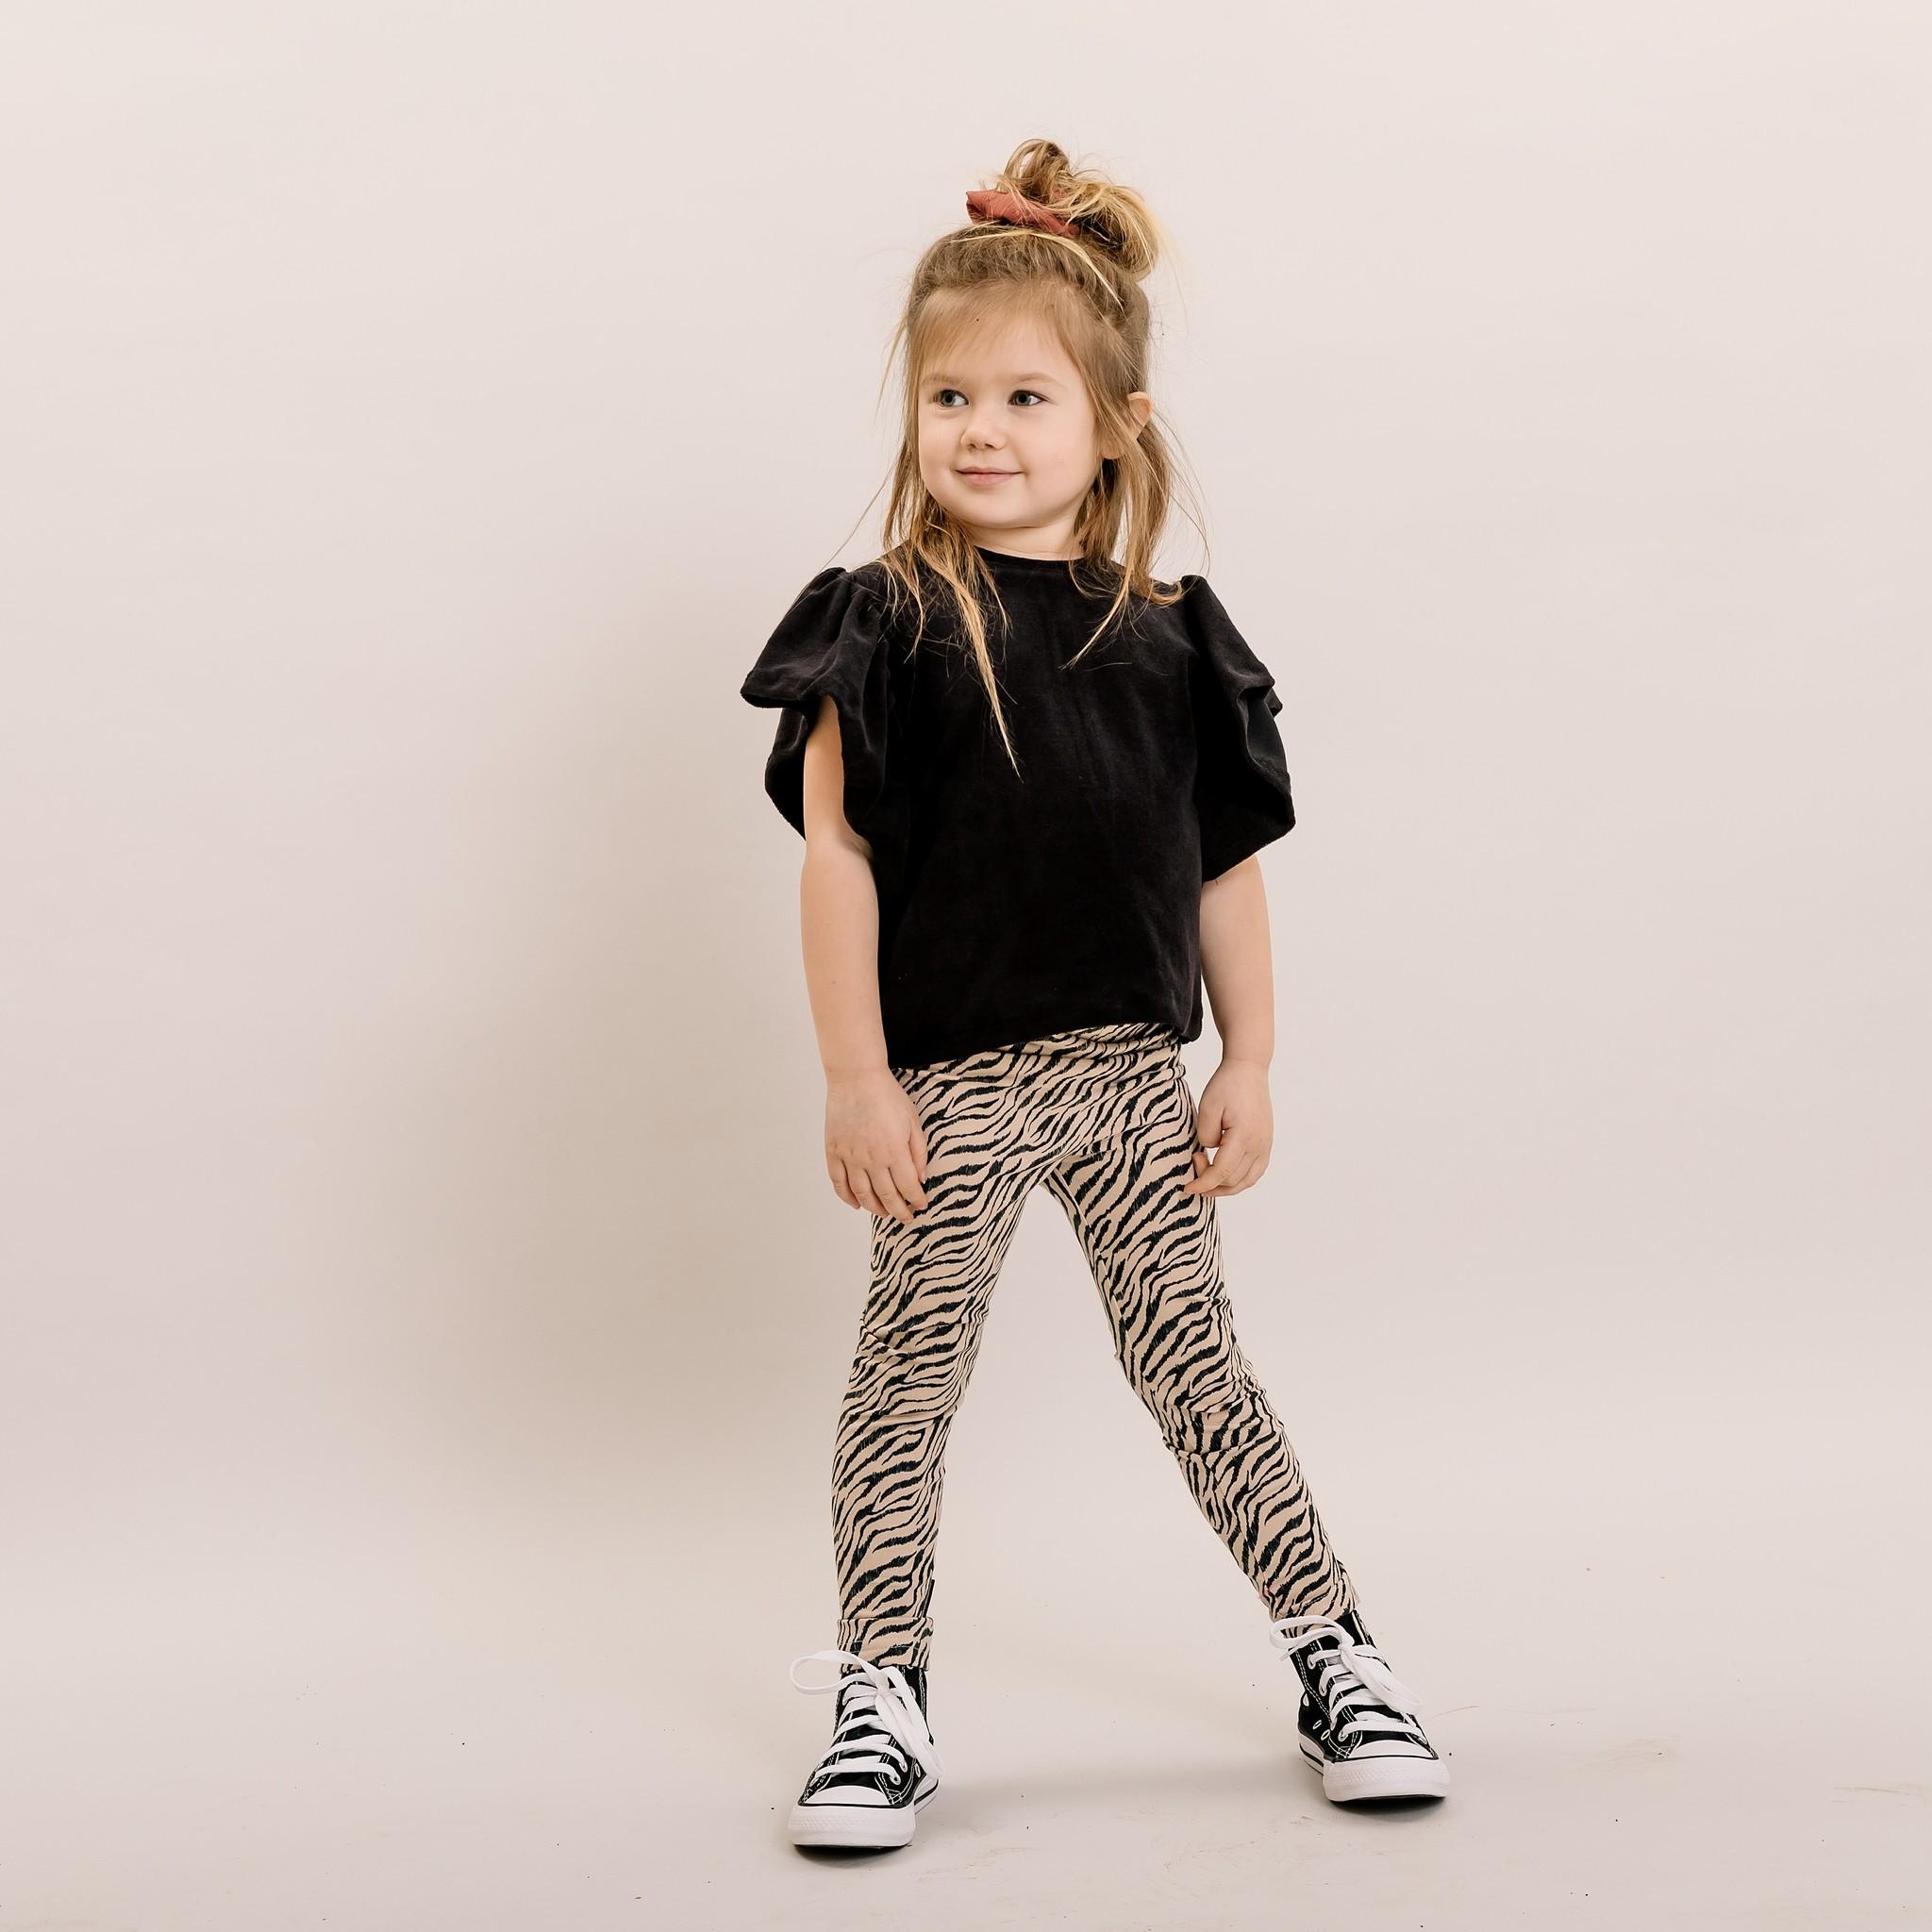 No Labels Kidswear STOERE LEGGING MET ZEBRA PRINT | LEGGING VOOR MEISJES  | NO LABELS